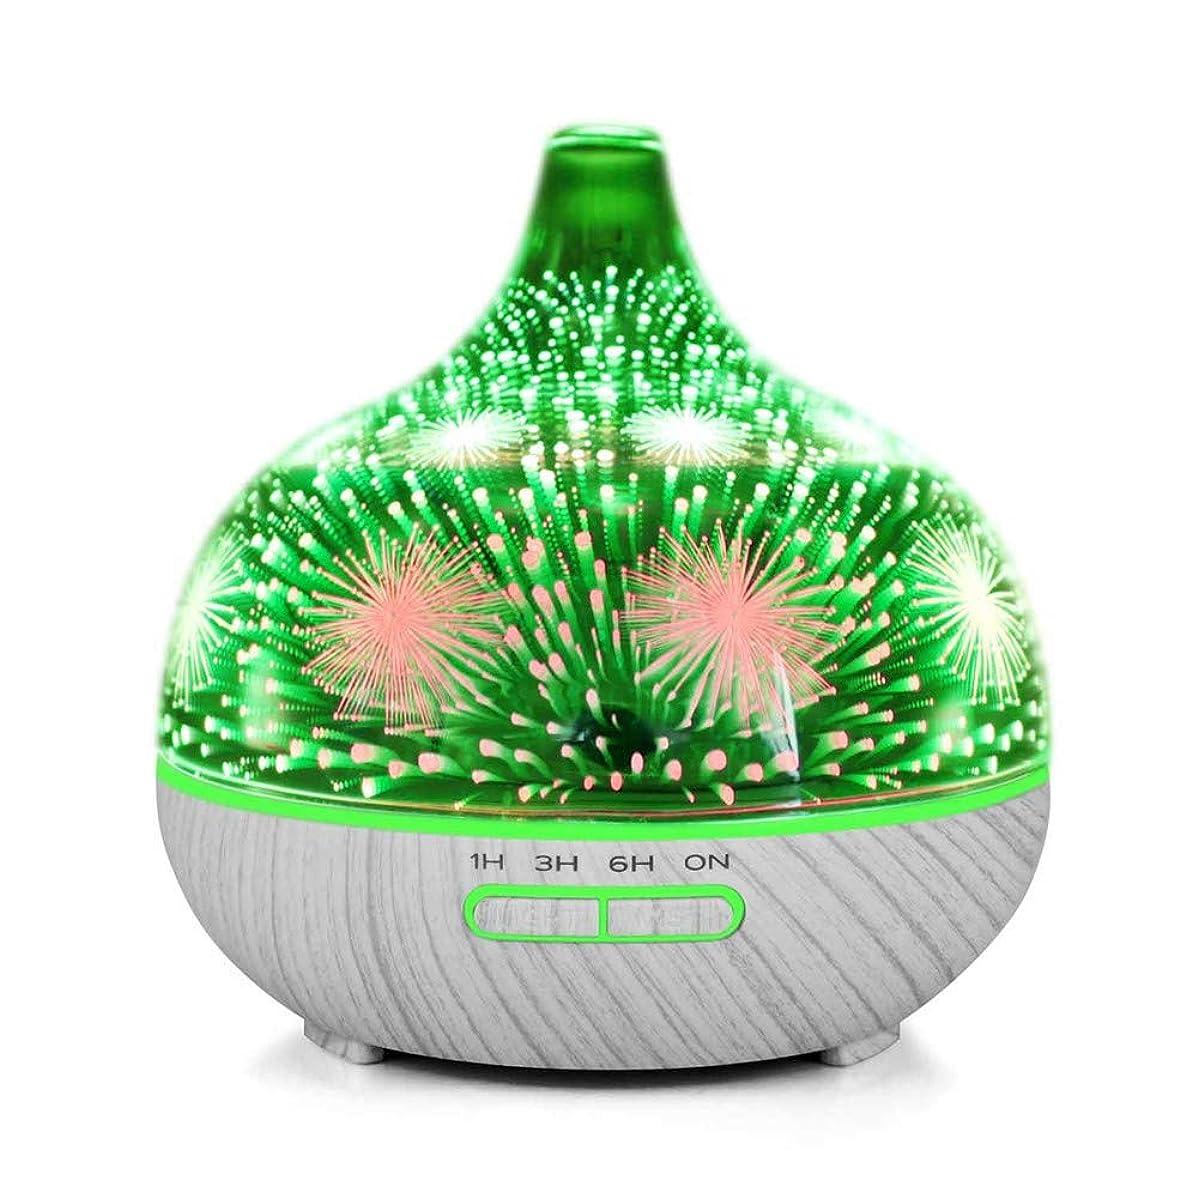 予防接種プラカード威するMakifly 3D Night Light Ultrasonic Cool Mist Humidifier, Aroma Diffuser Essential Oil Humidifiers, Aromatherapy, Quiet Operation 141[並行輸入]